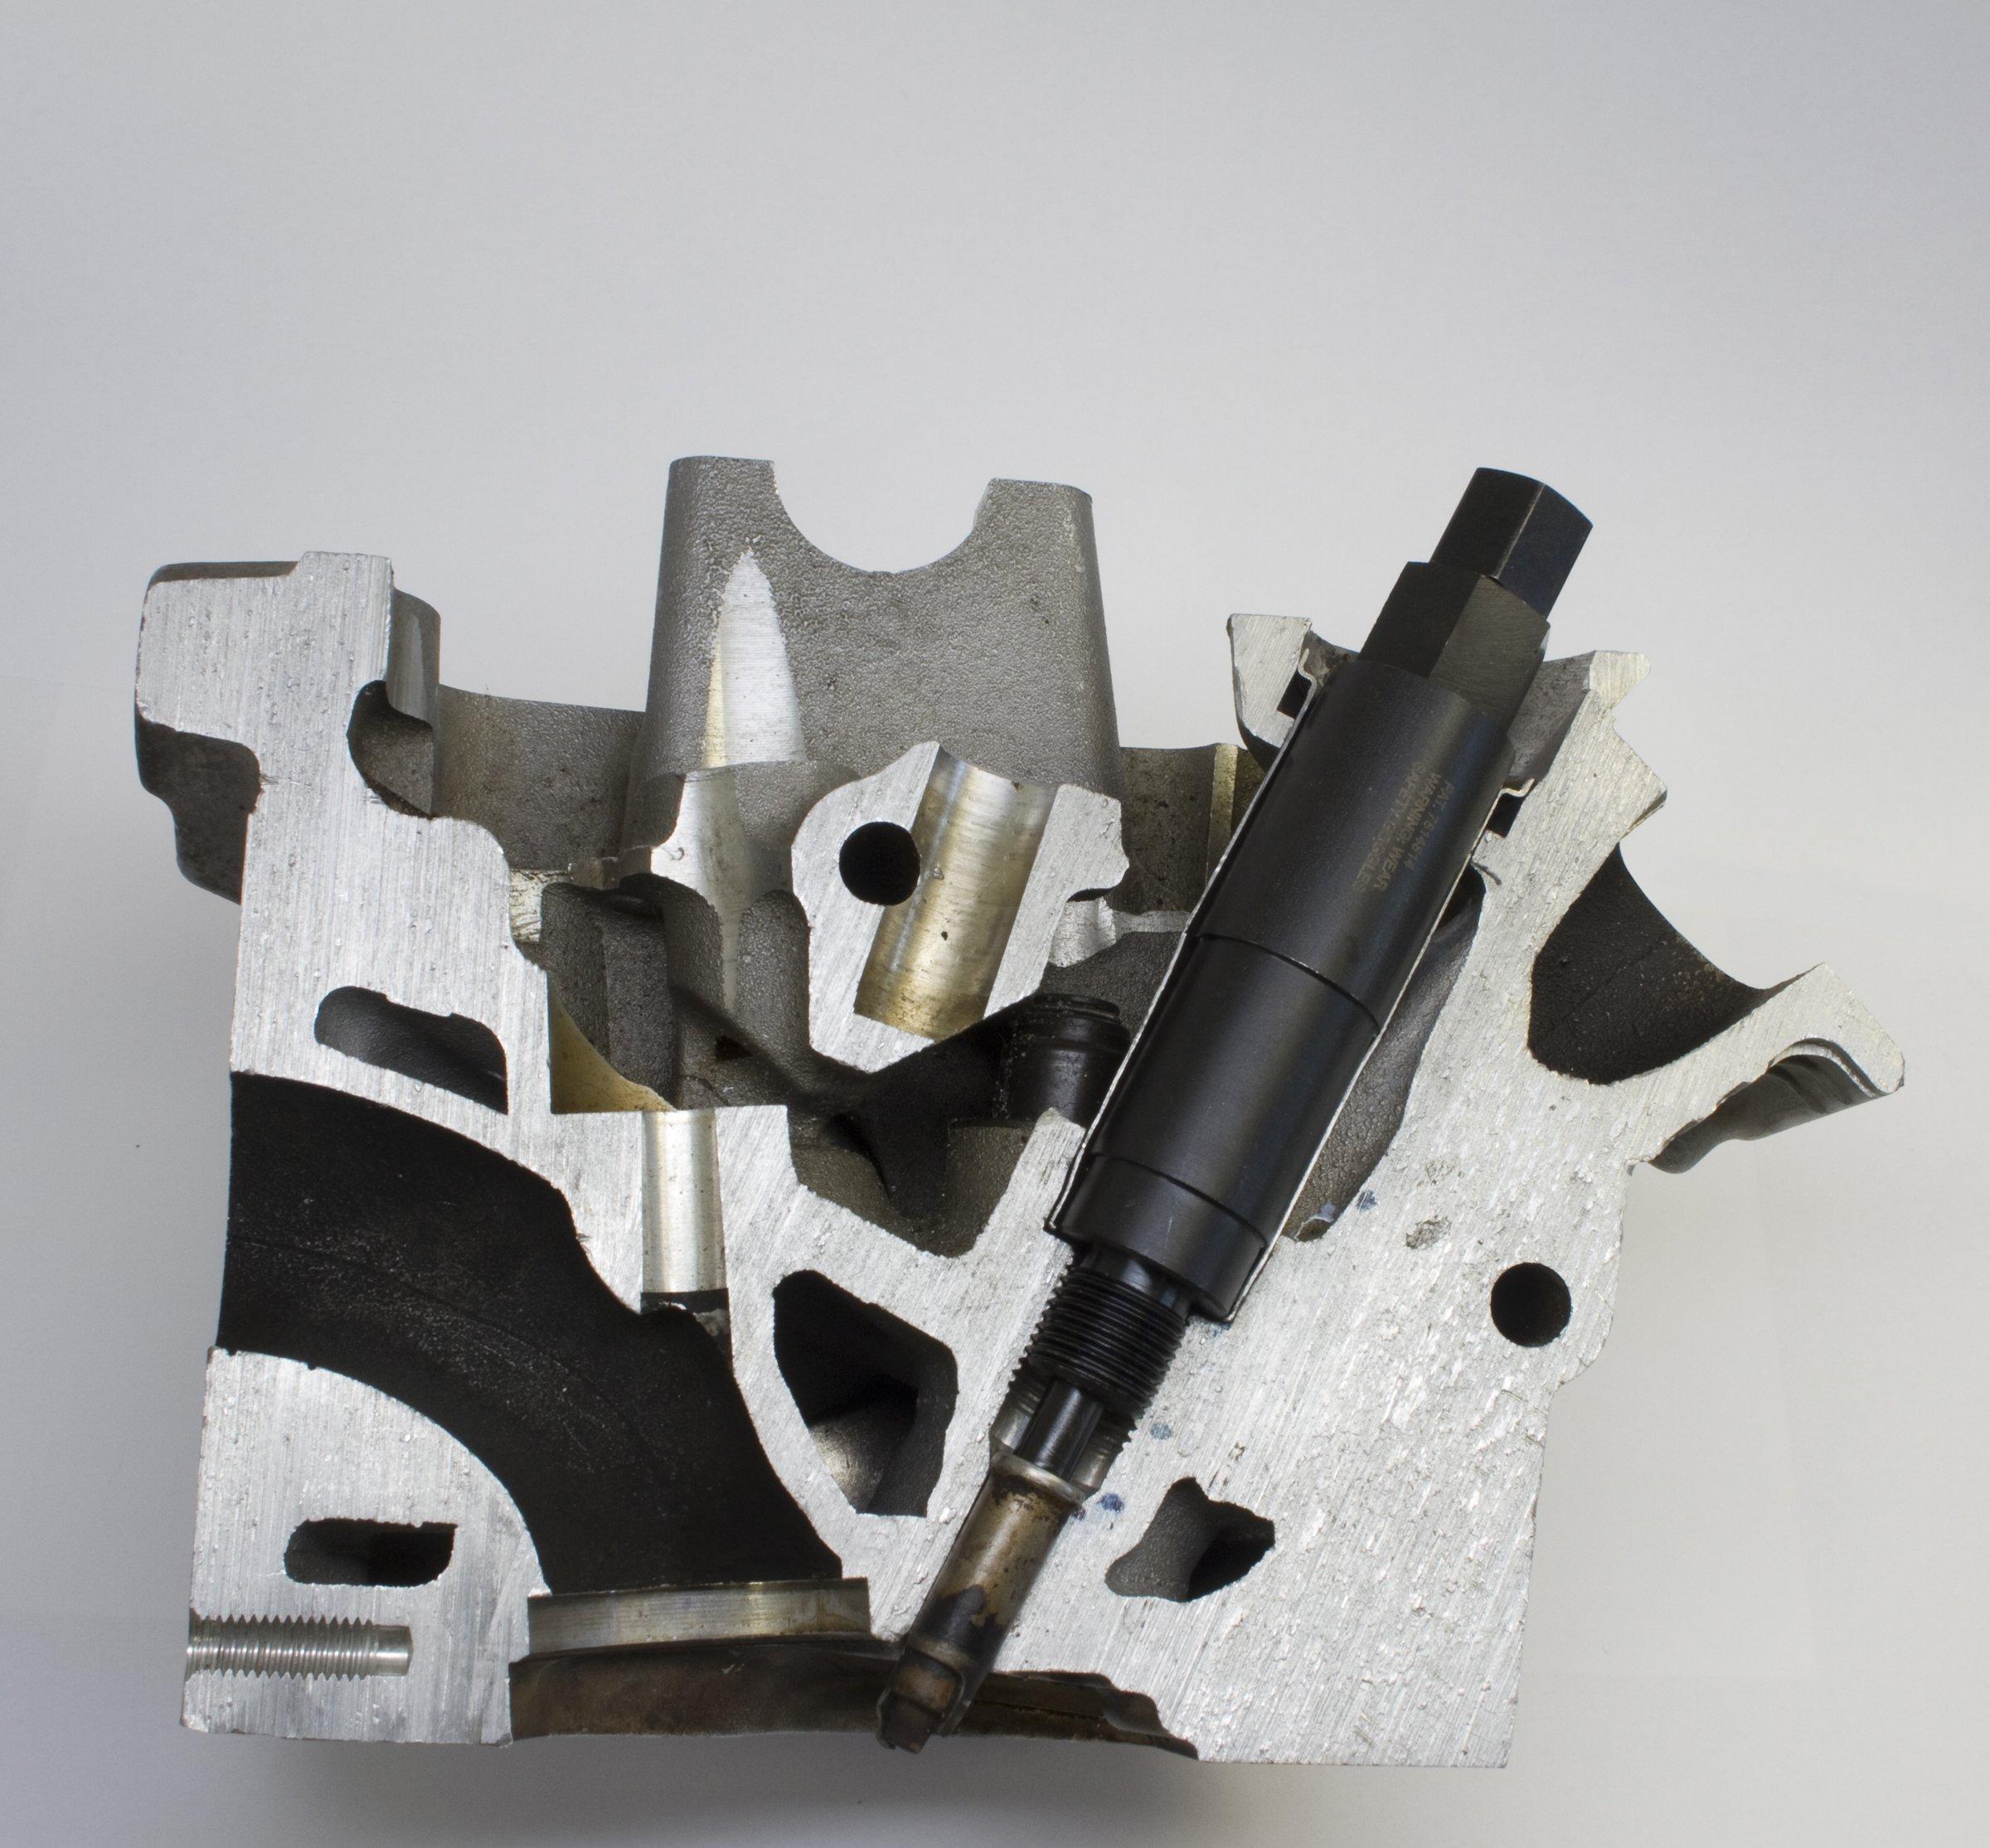 Lisle 65700 Broken Plug Remover Kit for Ford 3V Engine by Lisle (Image #4)